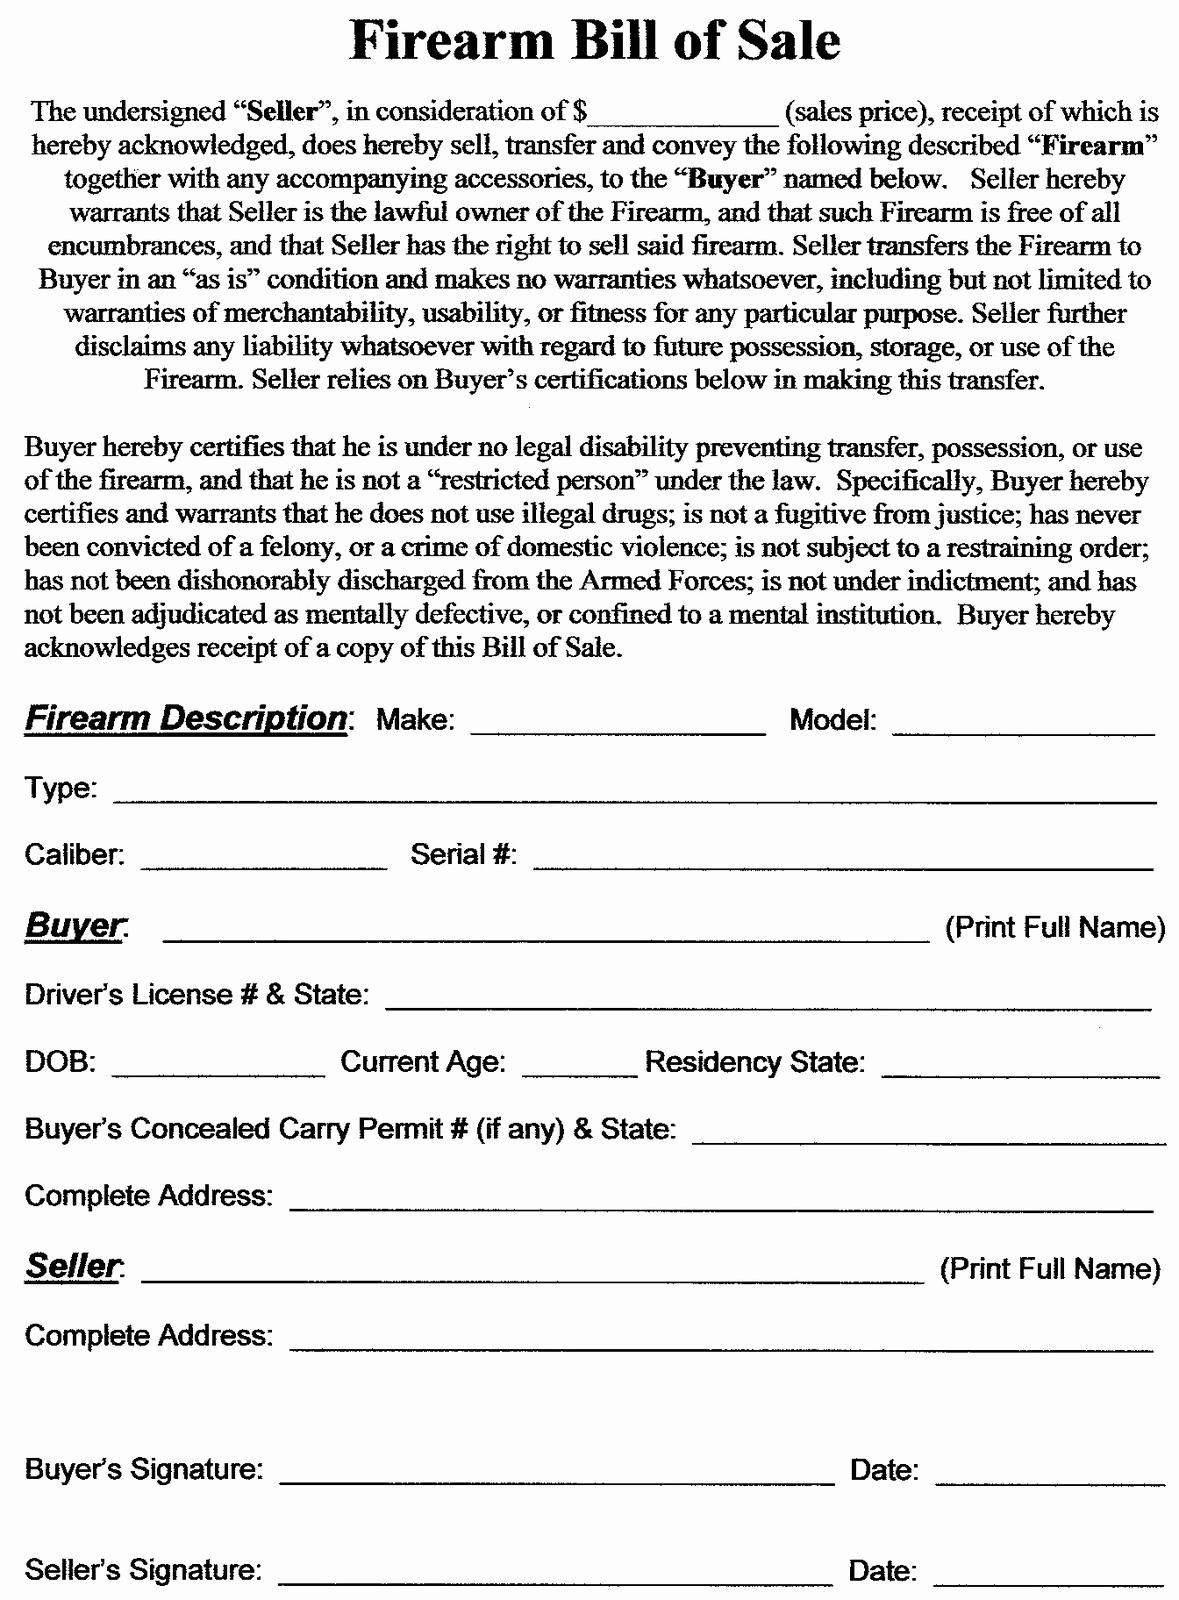 Firearm Bill Of Sale Texas Luxury Firearm Bill Of Sale